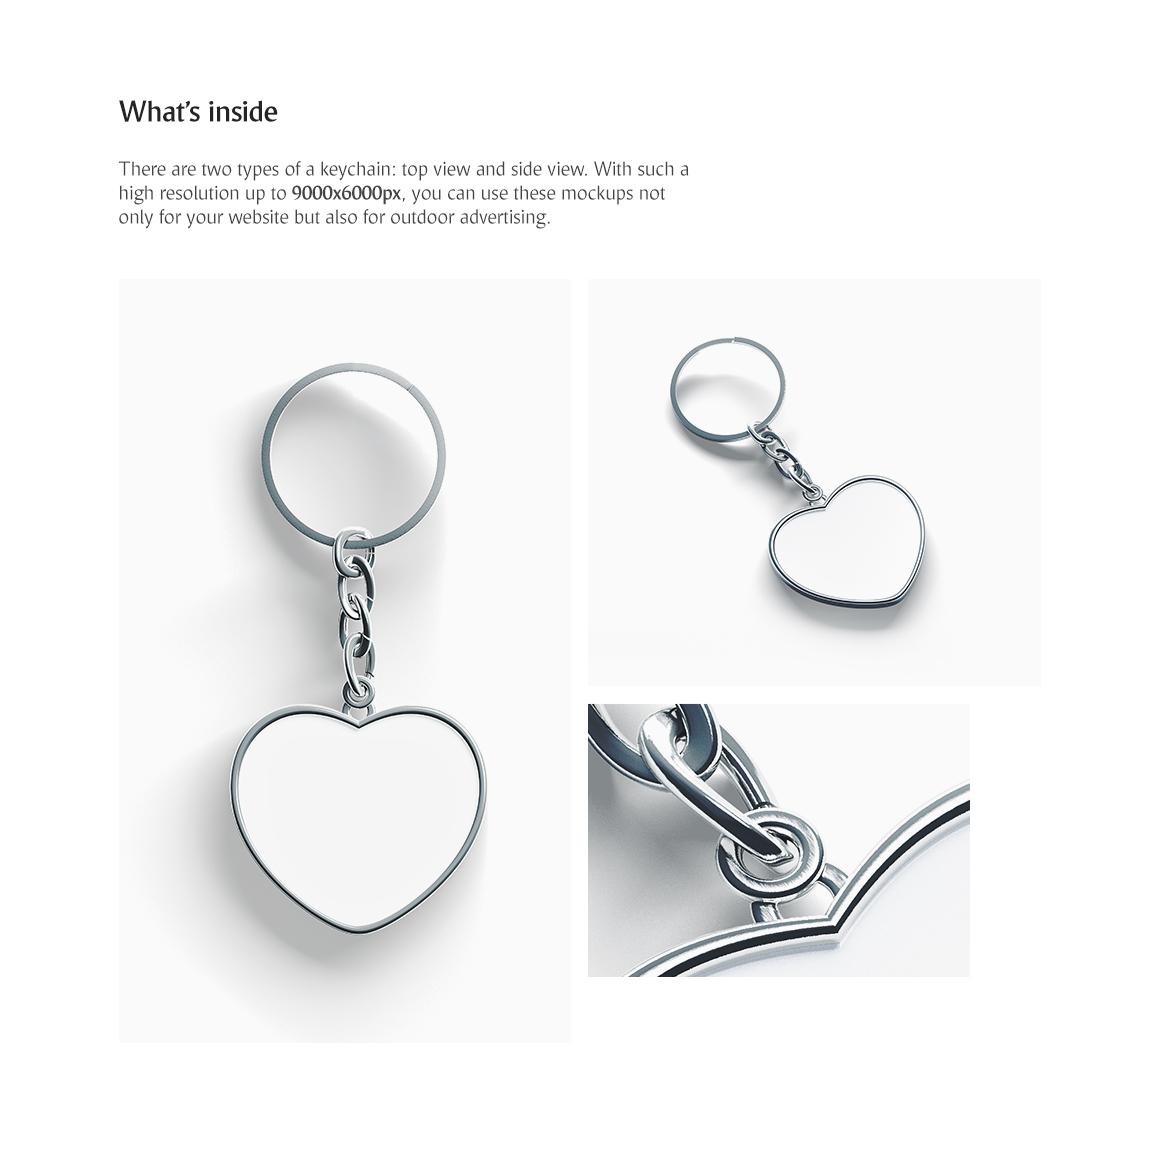 Heart Keychain Product Mockups